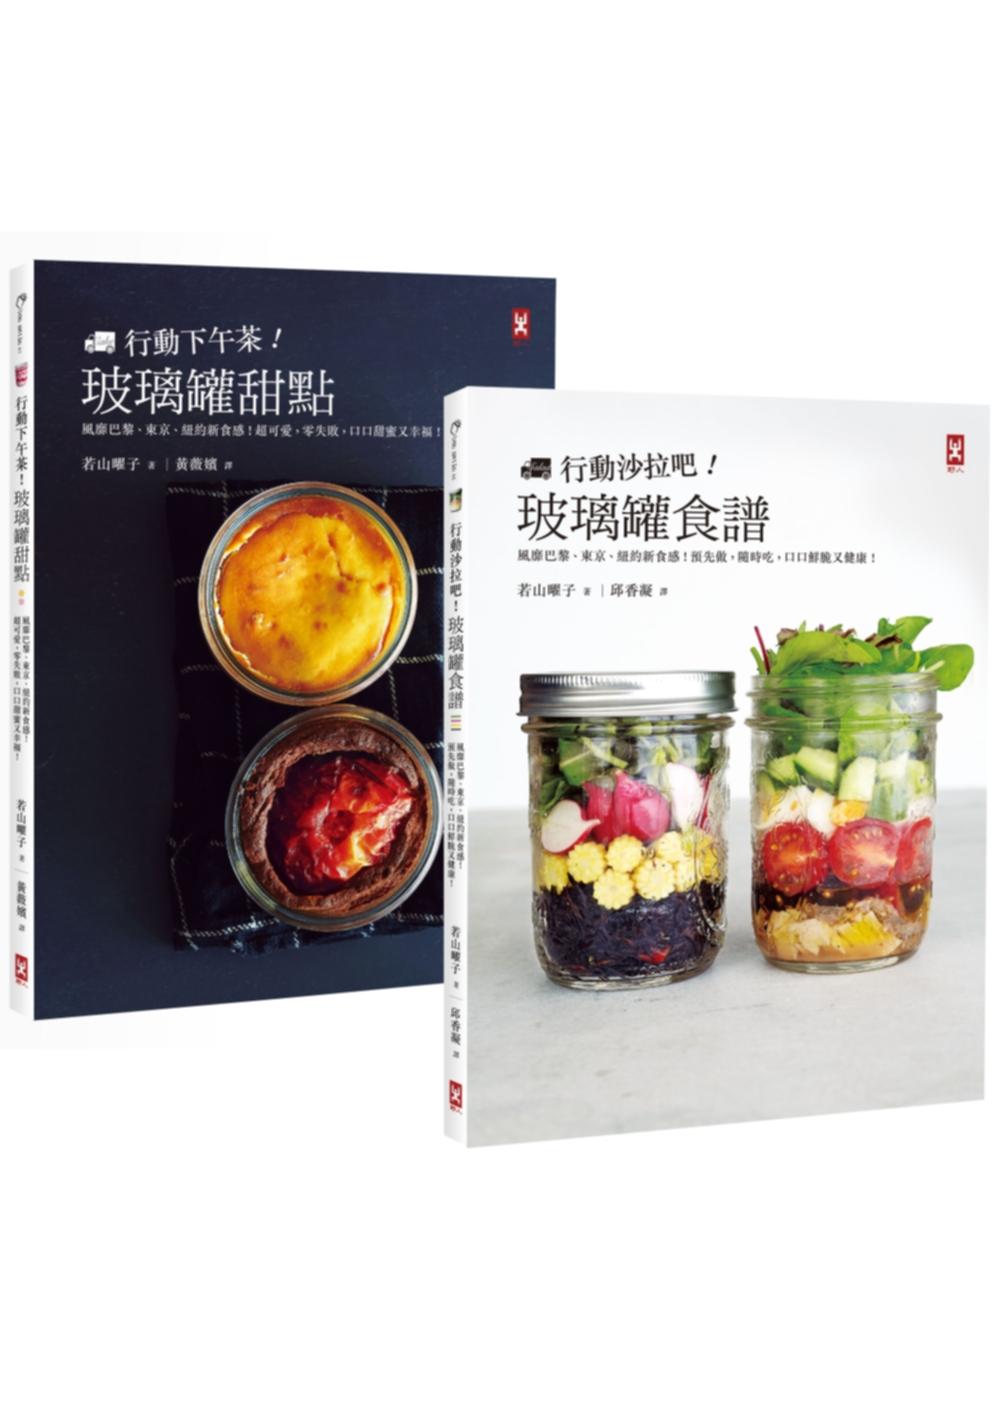 玻璃罐食譜(套書):行動沙拉吧X下午茶甜點,風靡全球的美味新食感革命!